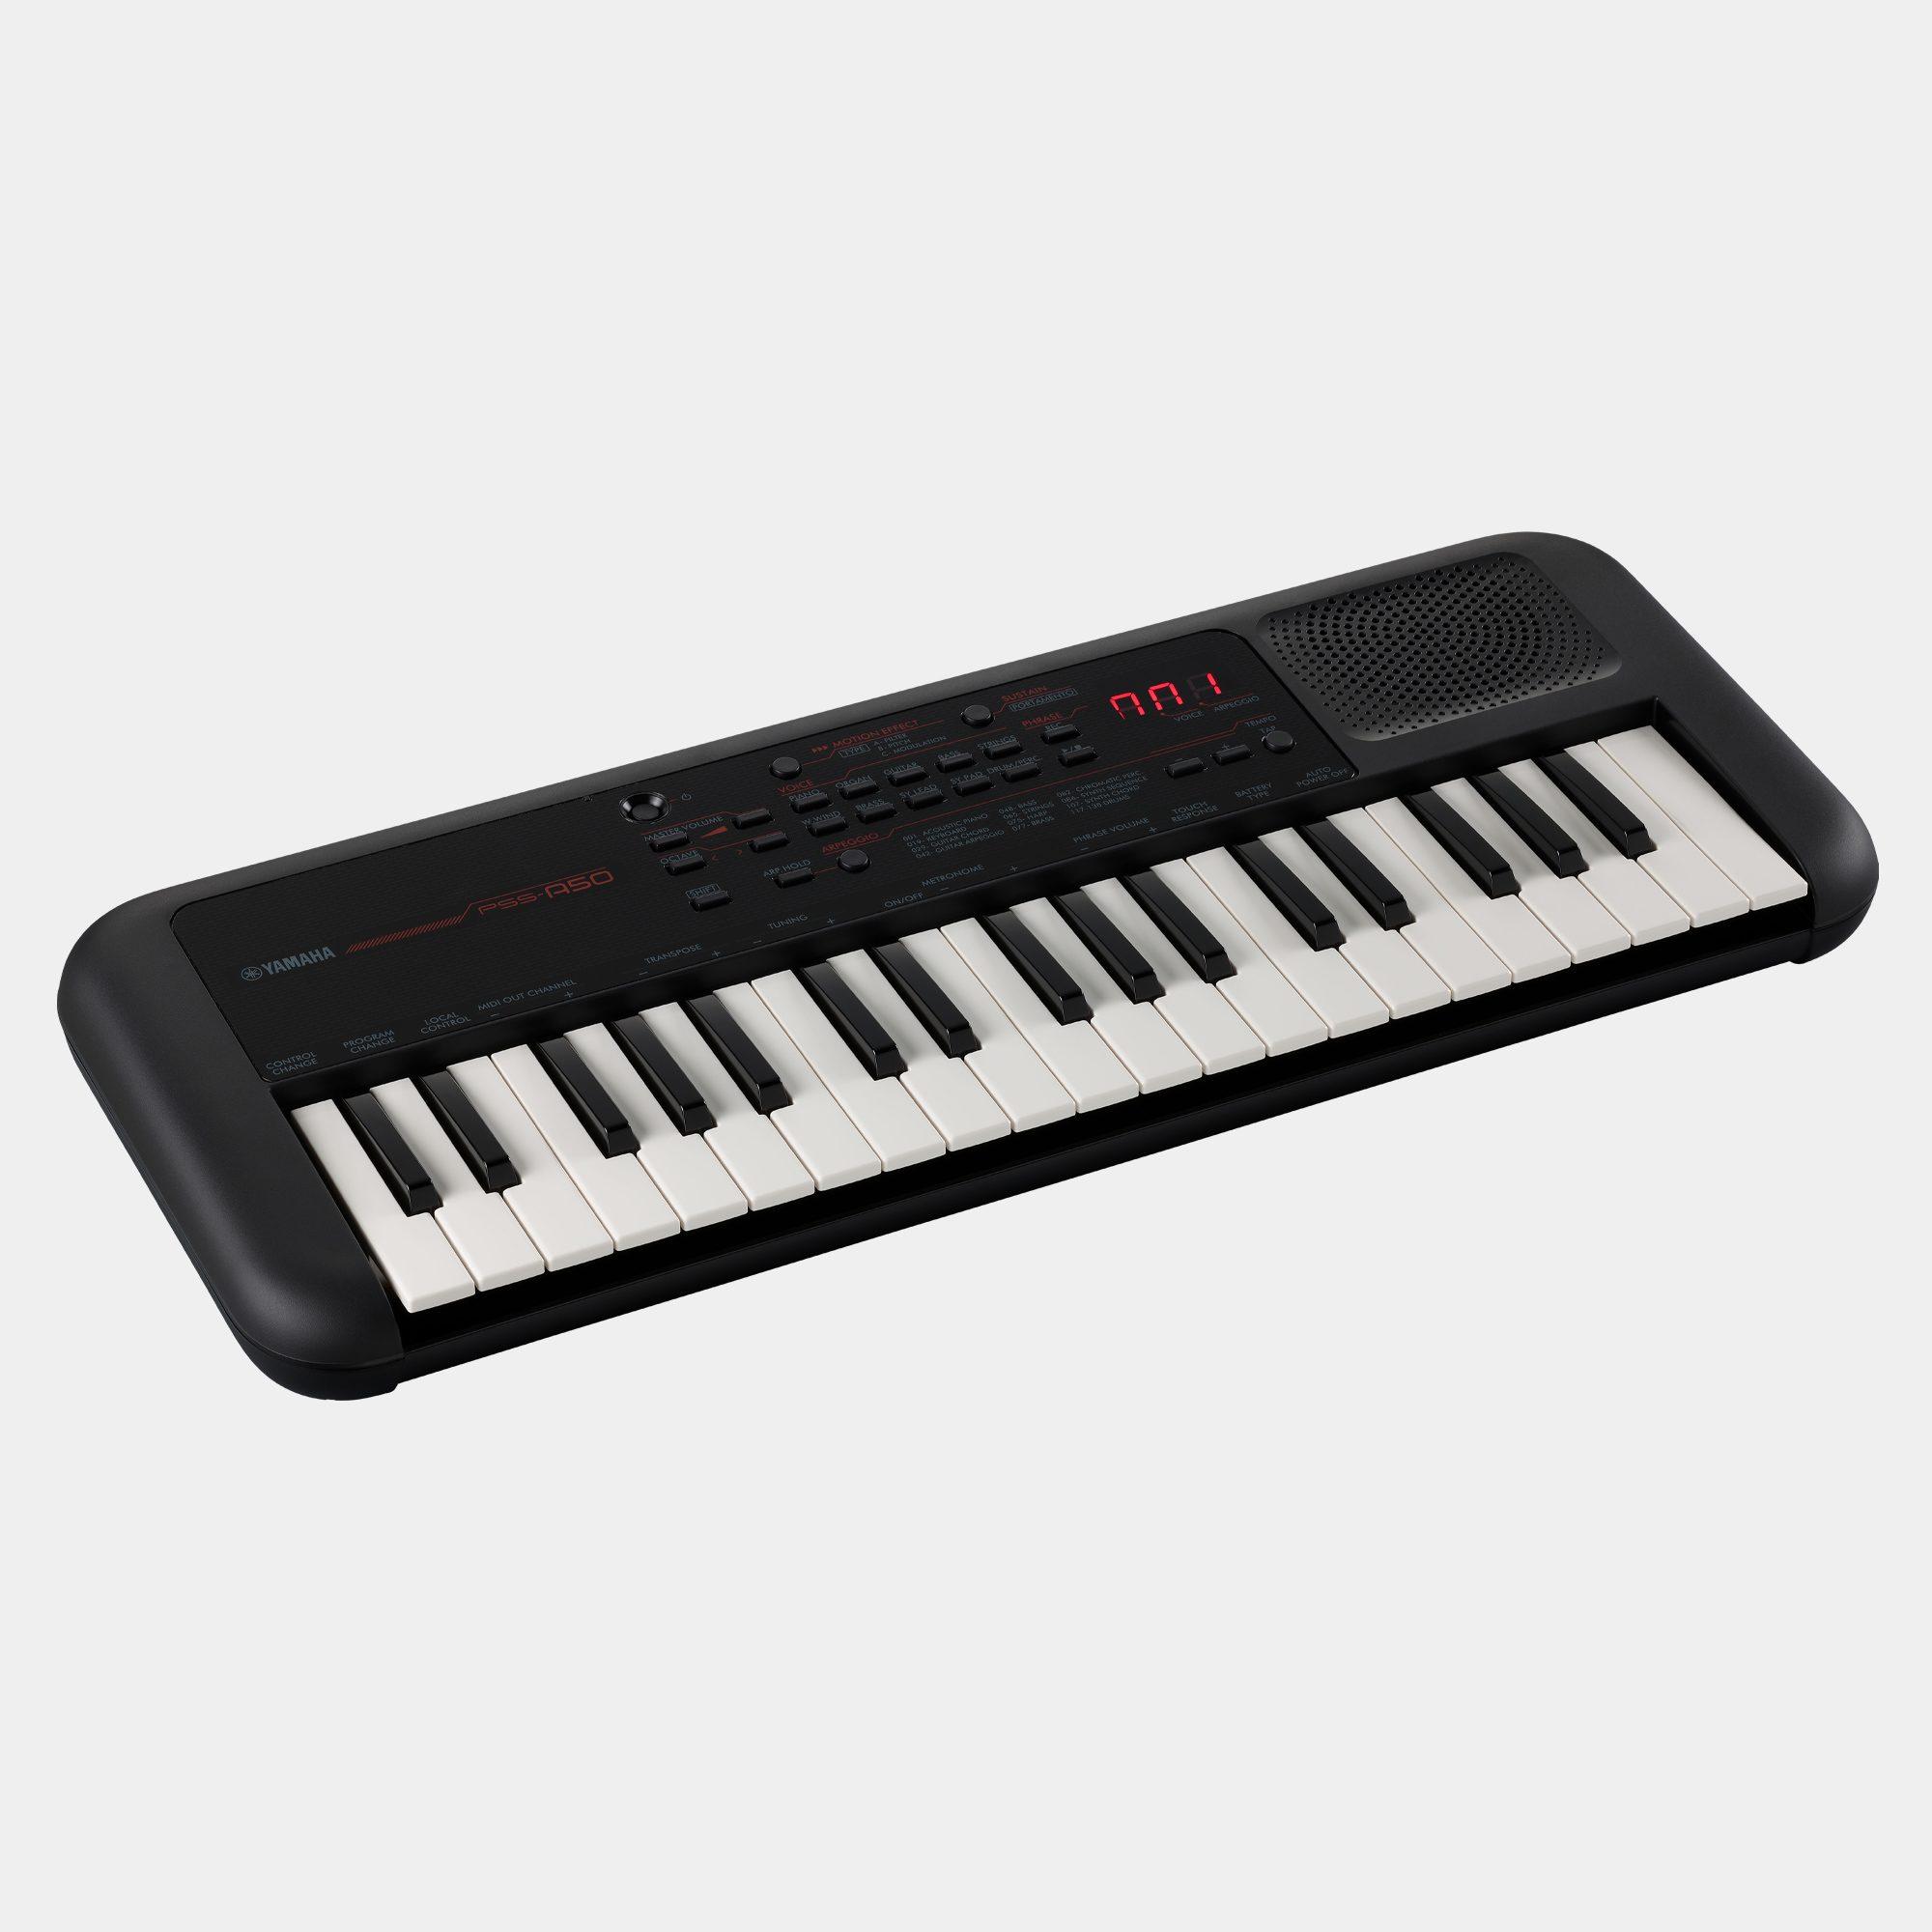 Yamaha PSS-A50 Portable Electronic Keyboard